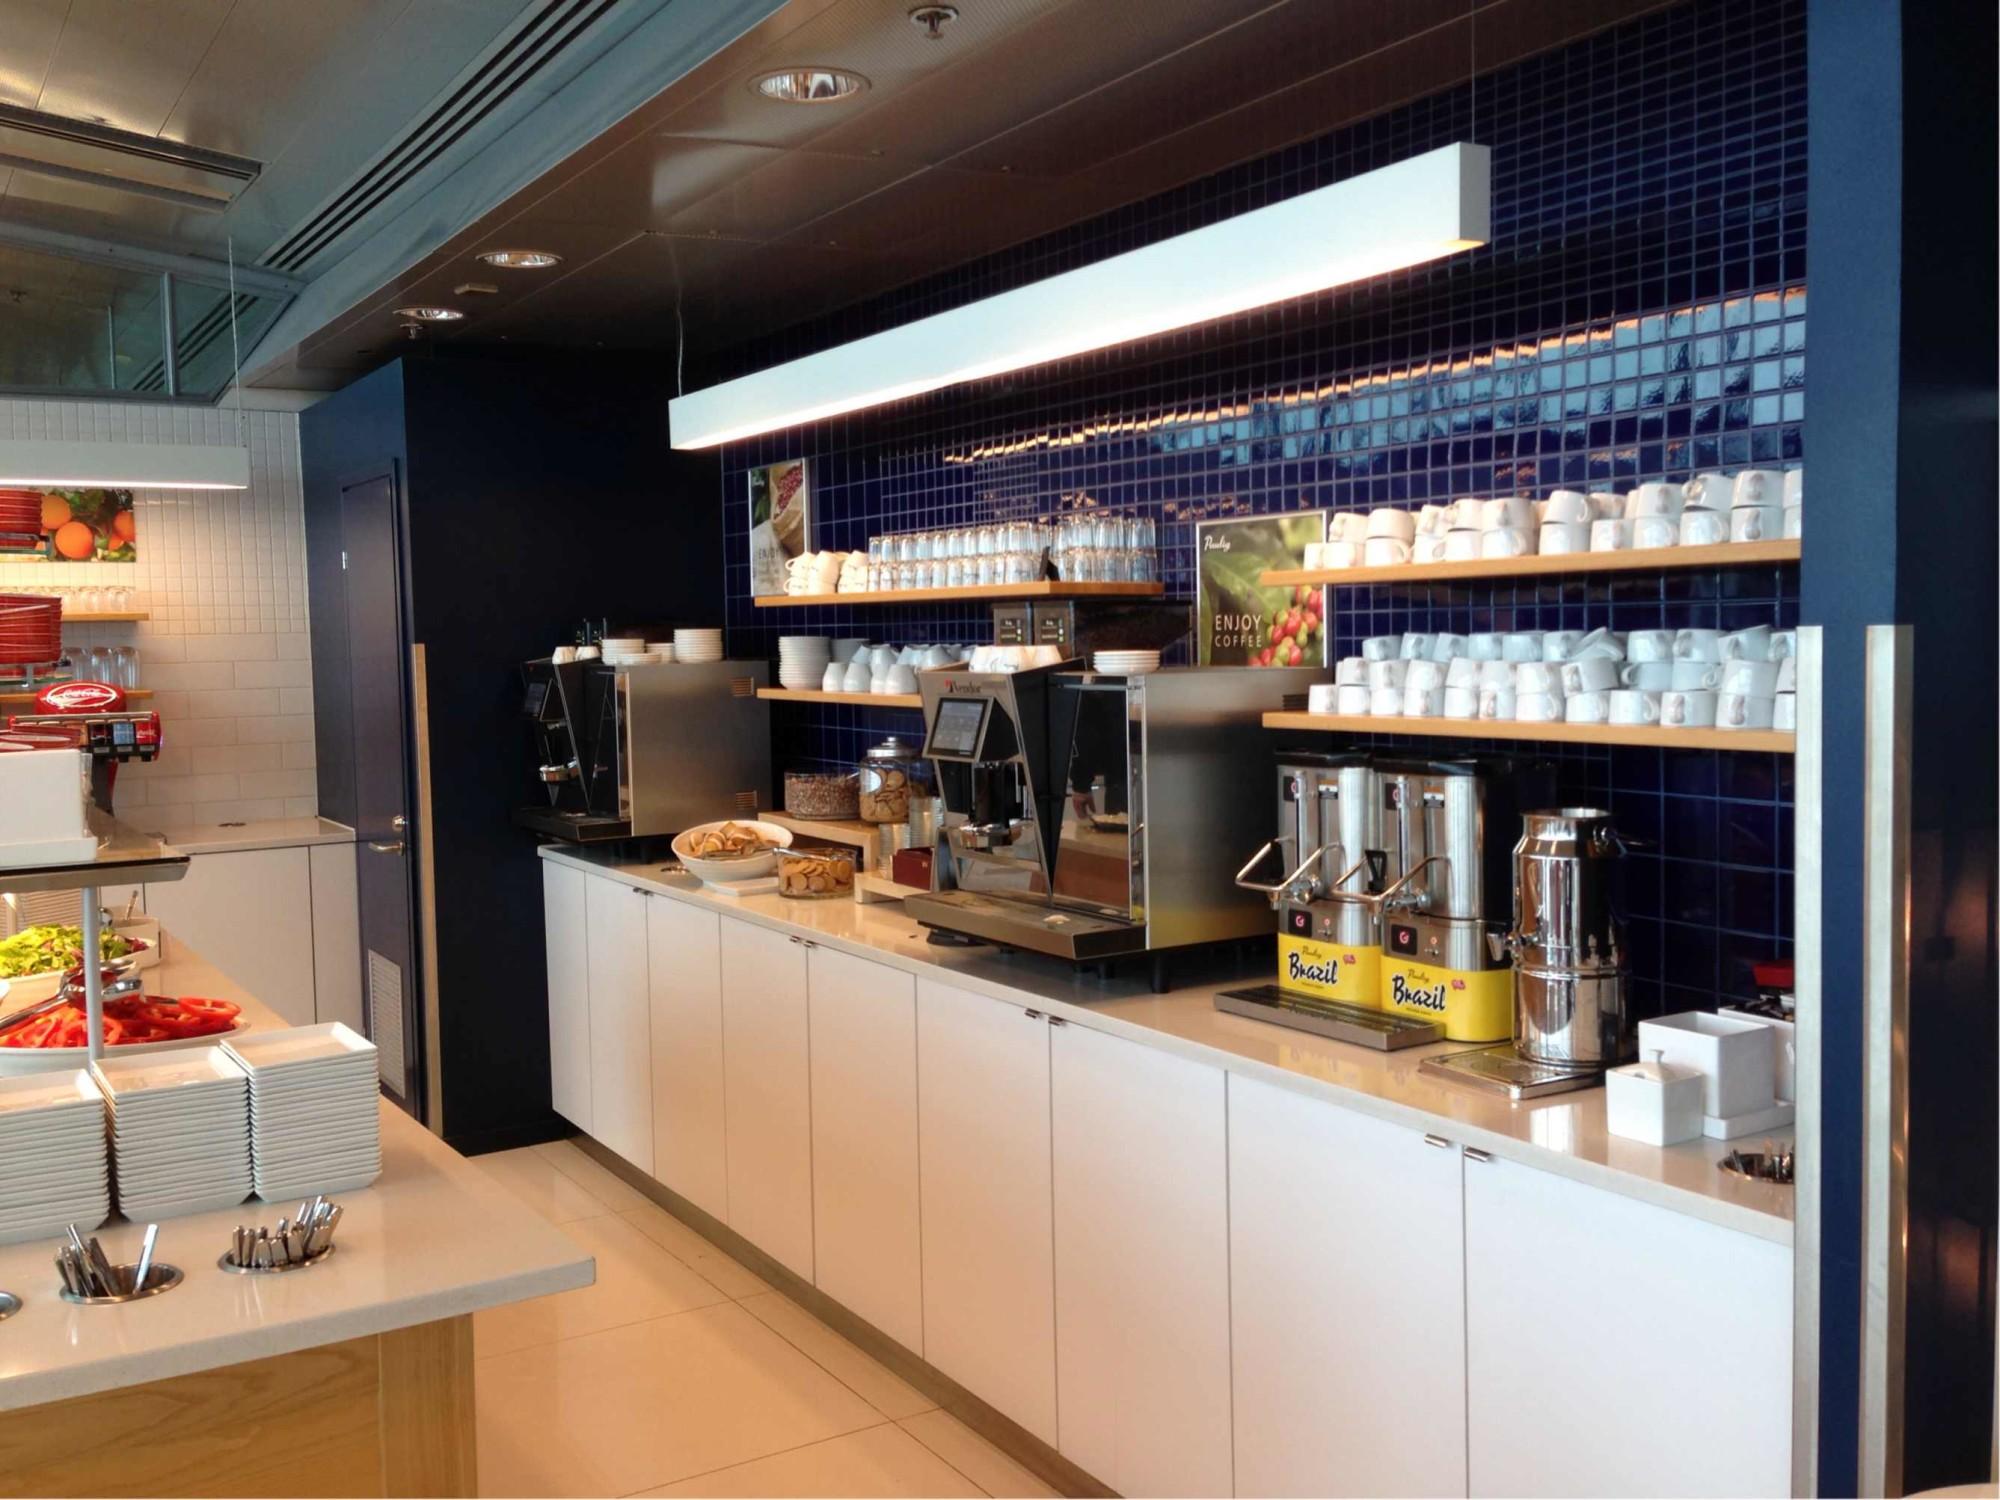 Hel Finnair Lounge Reviews Photos Terminal 2 Schengen  # Cuisine Stockholm Darty